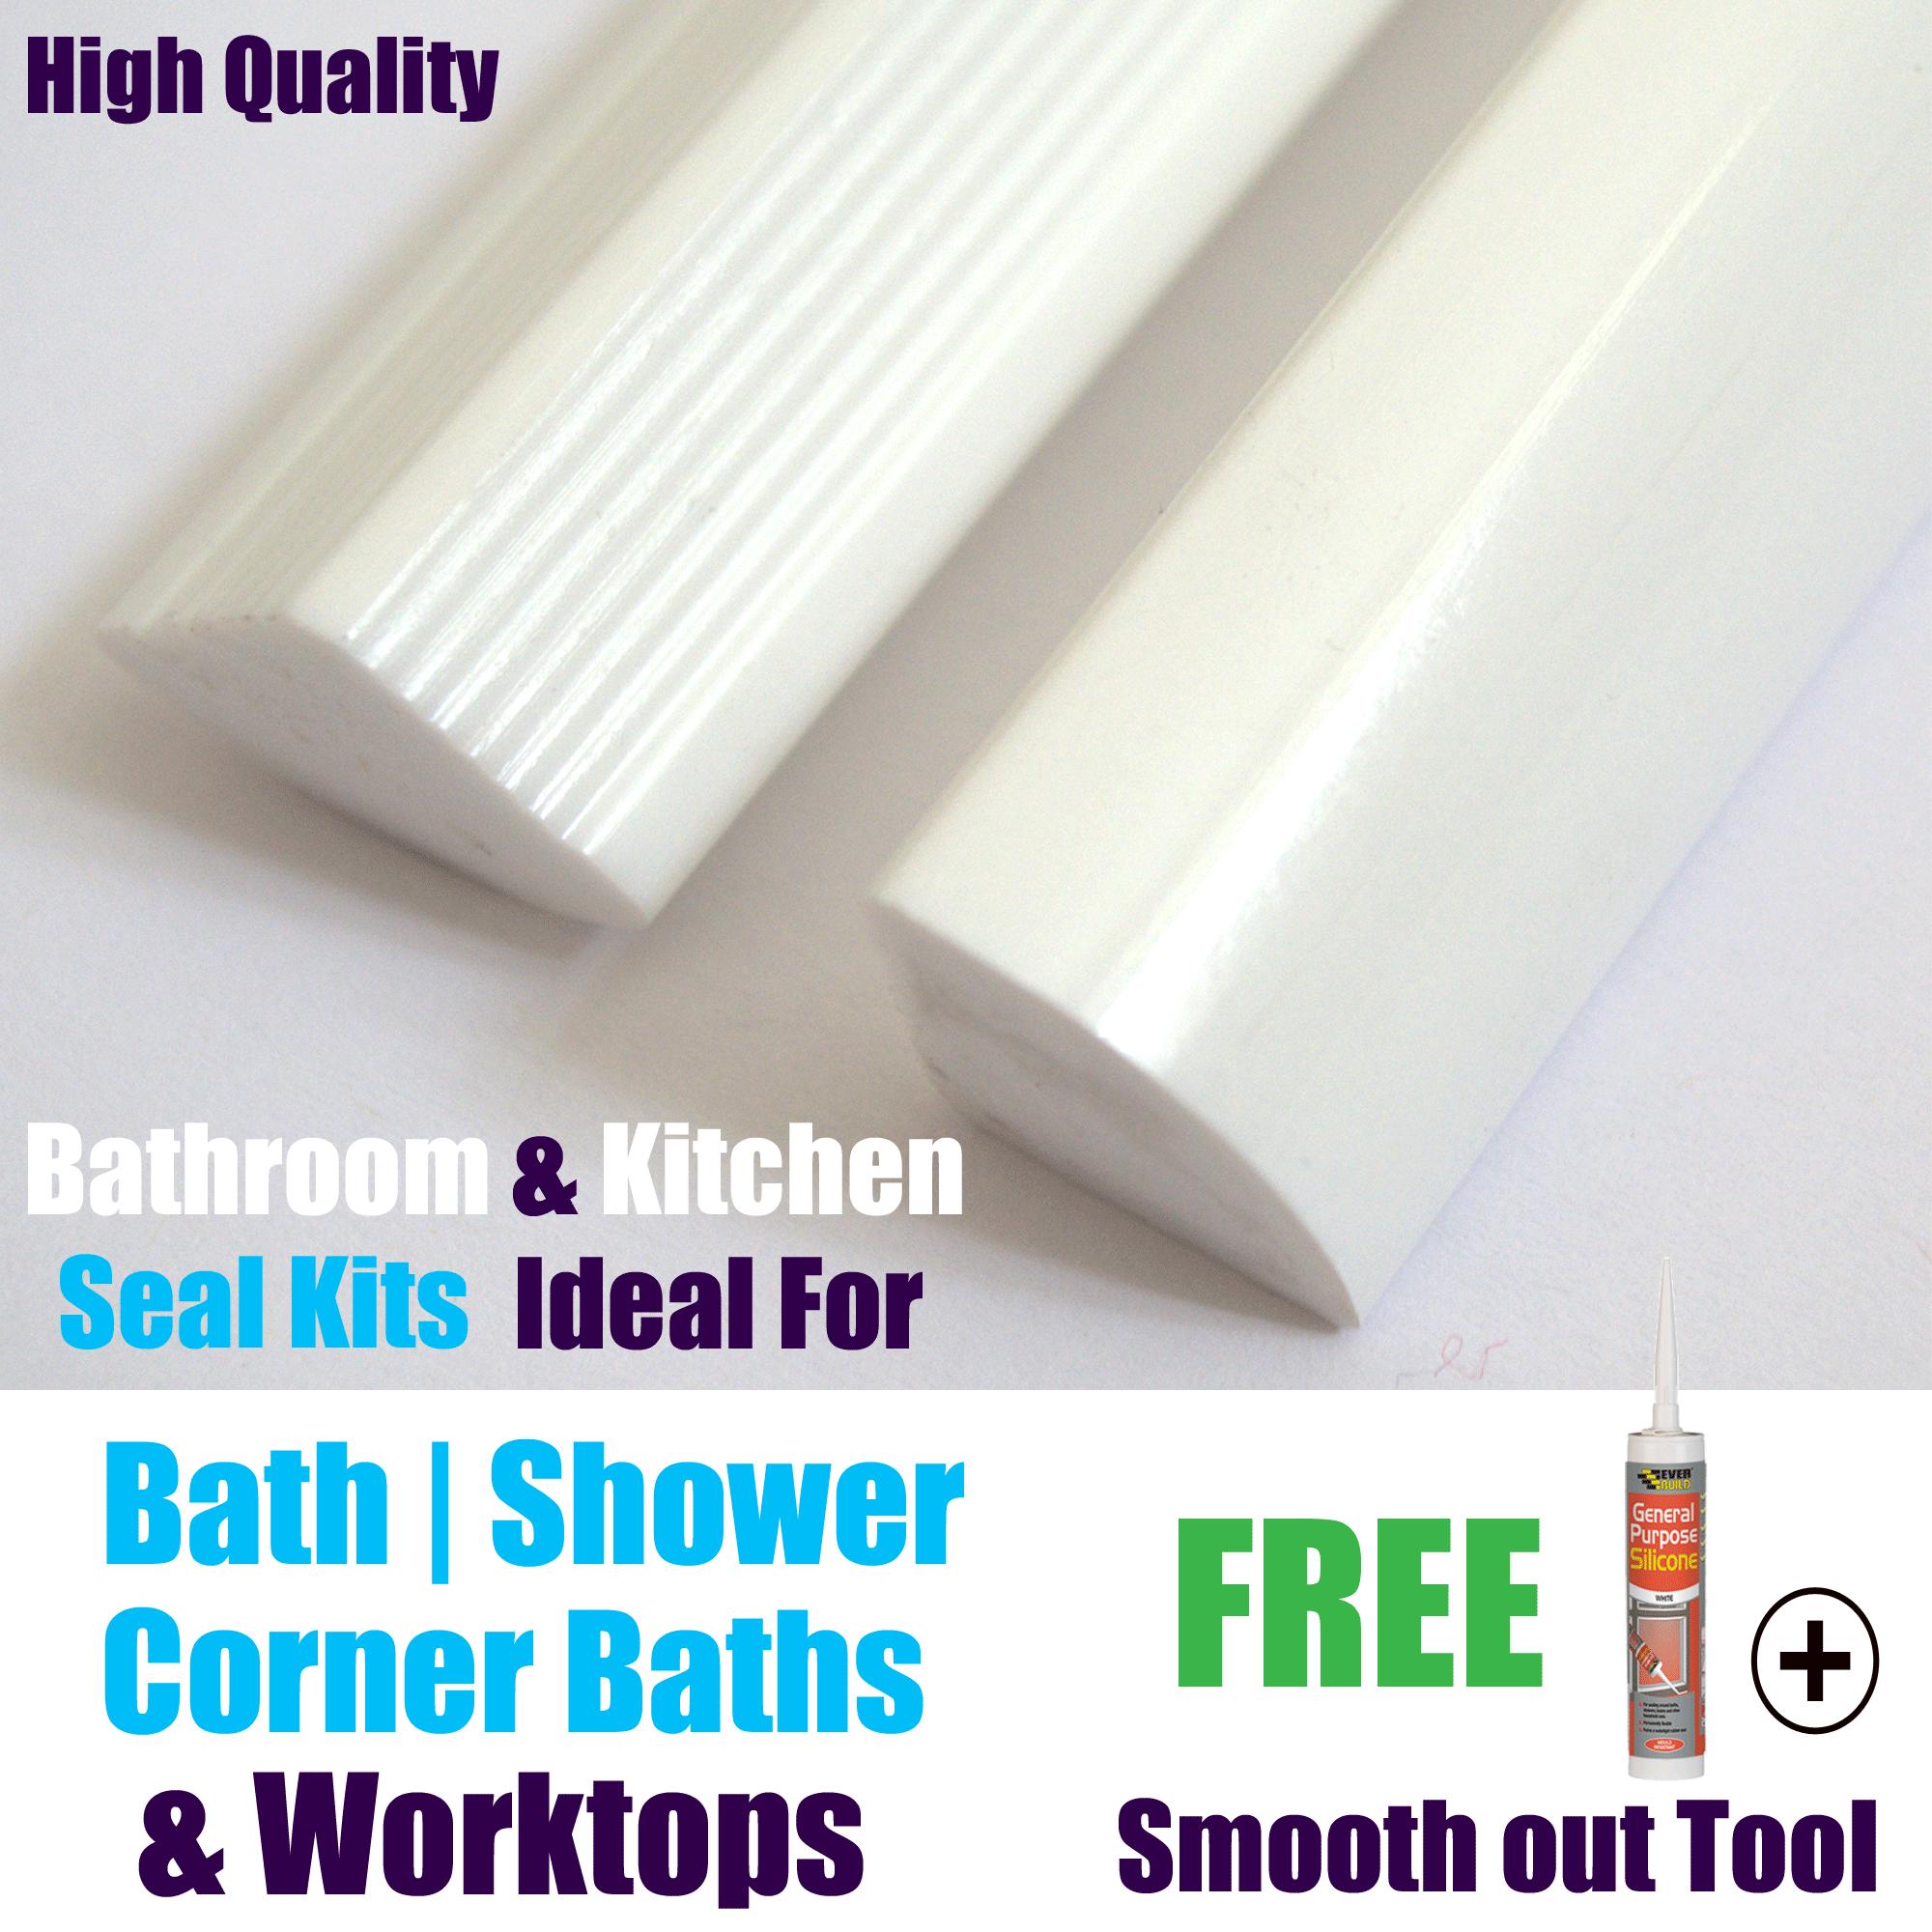 new solid bath corner bath shower worktop seal strips. Black Bedroom Furniture Sets. Home Design Ideas